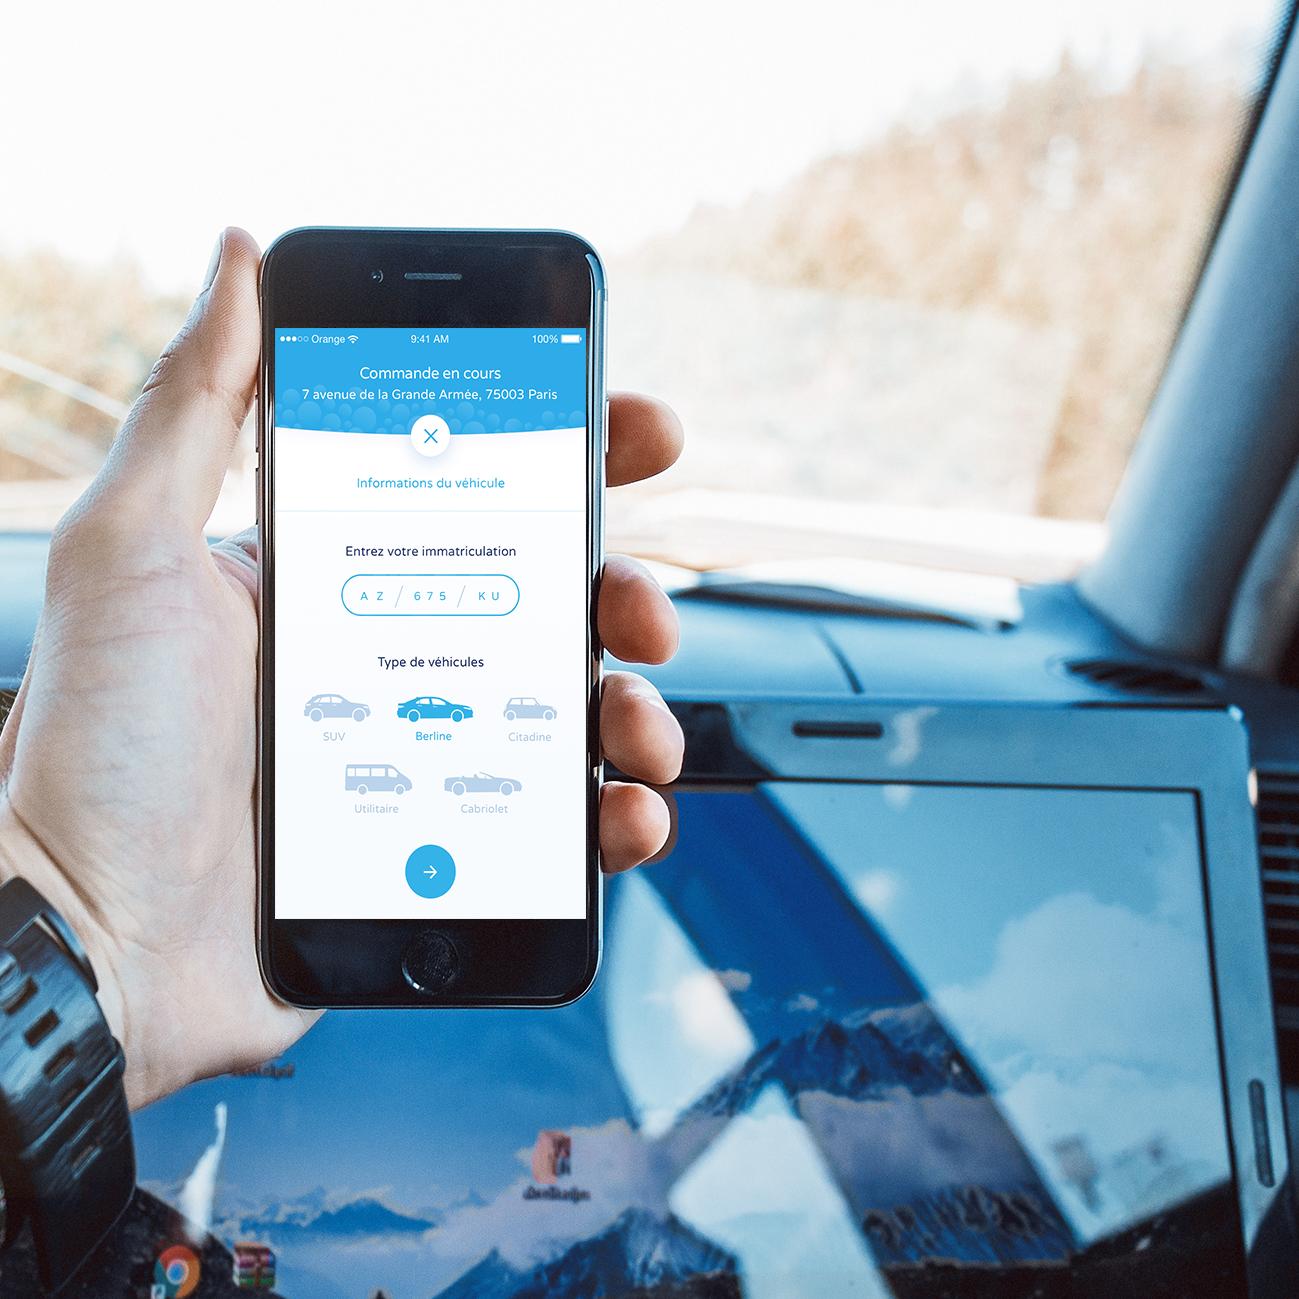 Développement ios bubble car lavage automobile application design marketplace